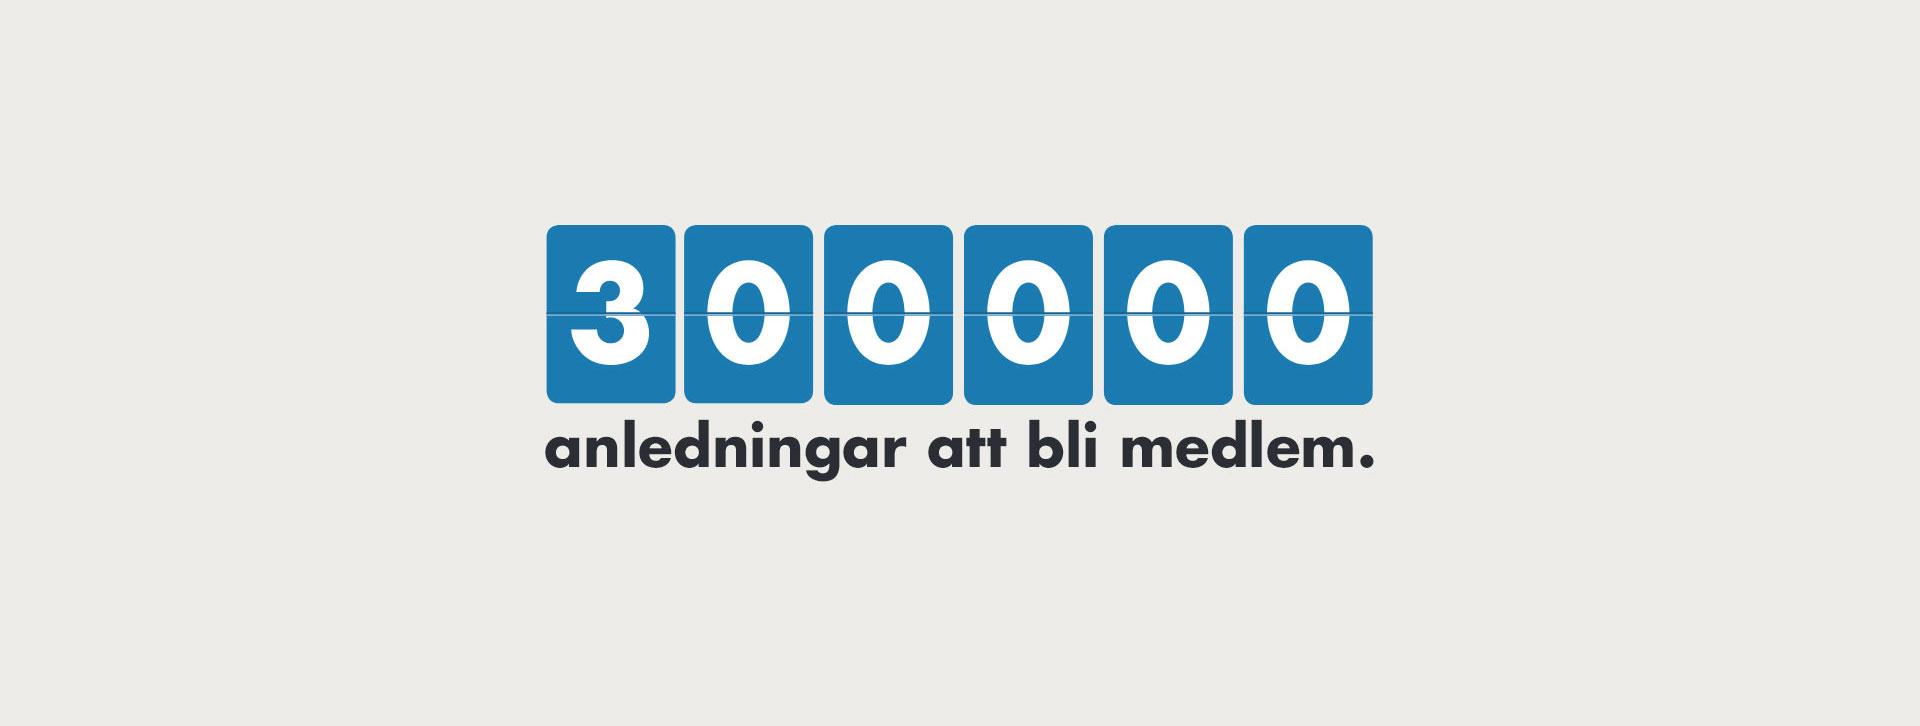 300 000 anledningar att bli medlem i Psoriasisförbundet